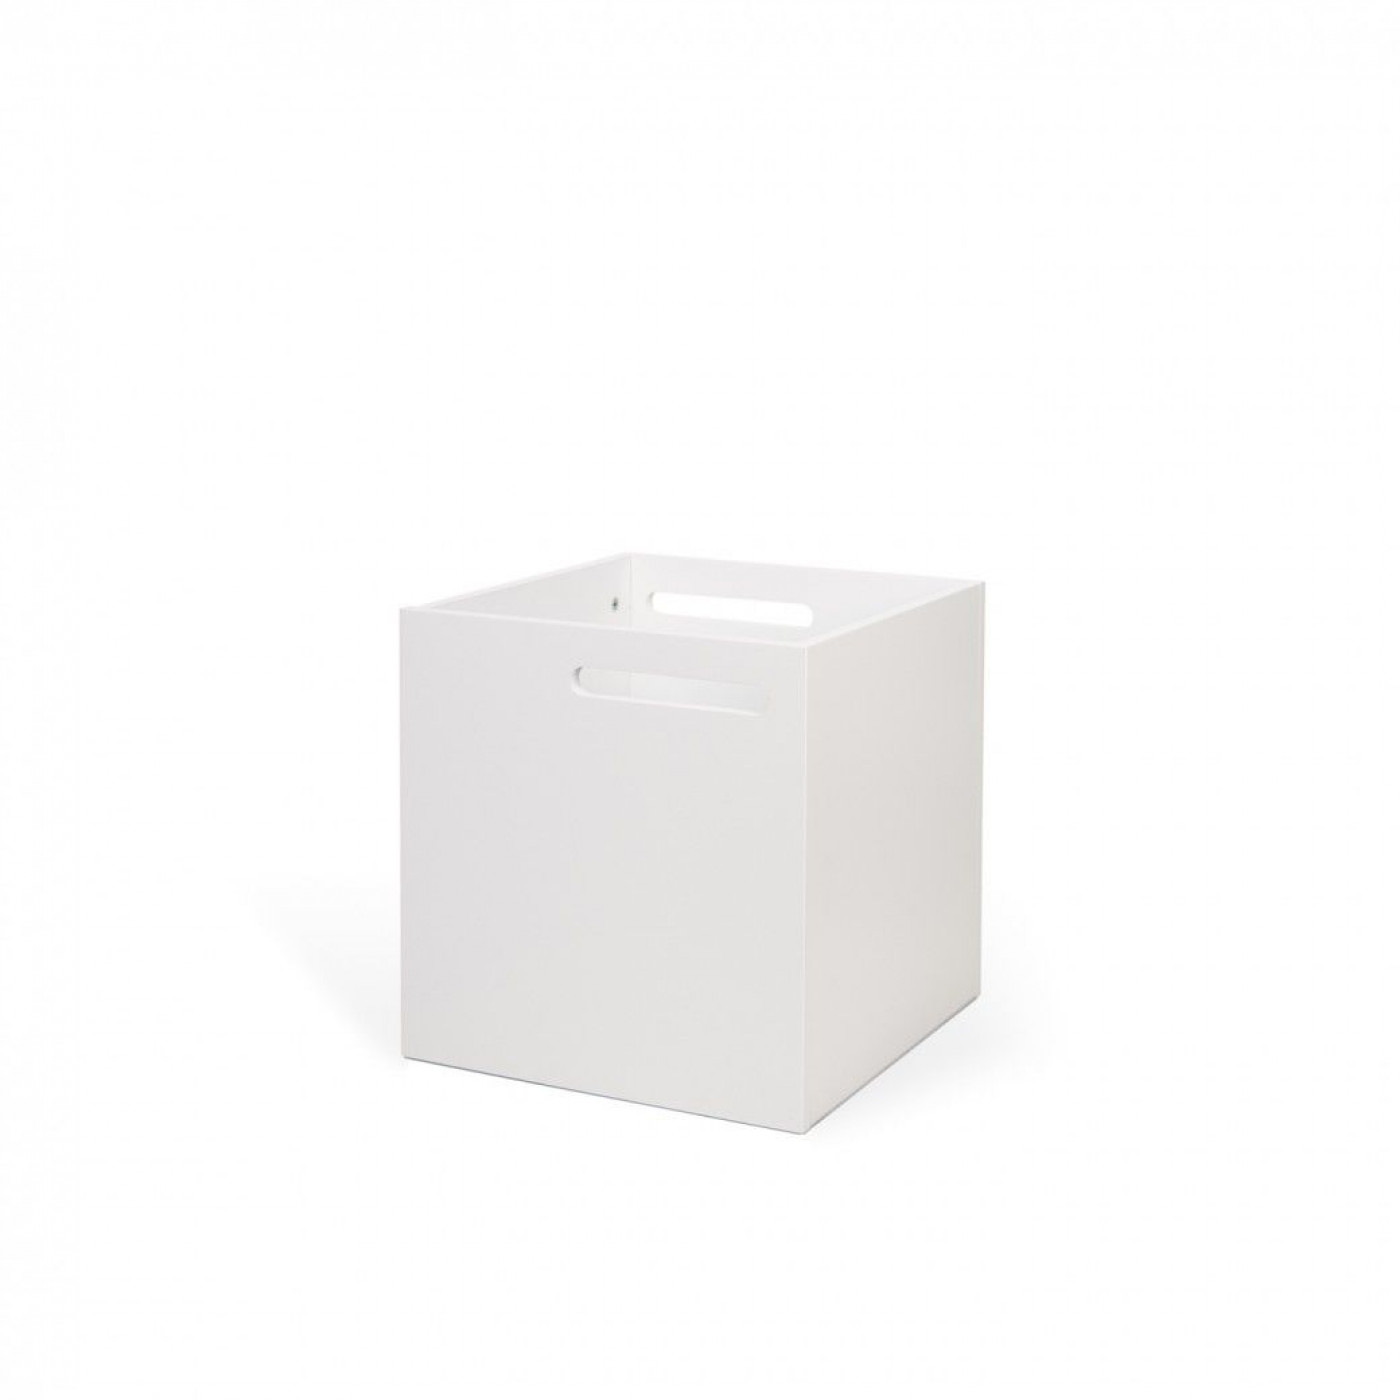 Box Berlin | Weiß